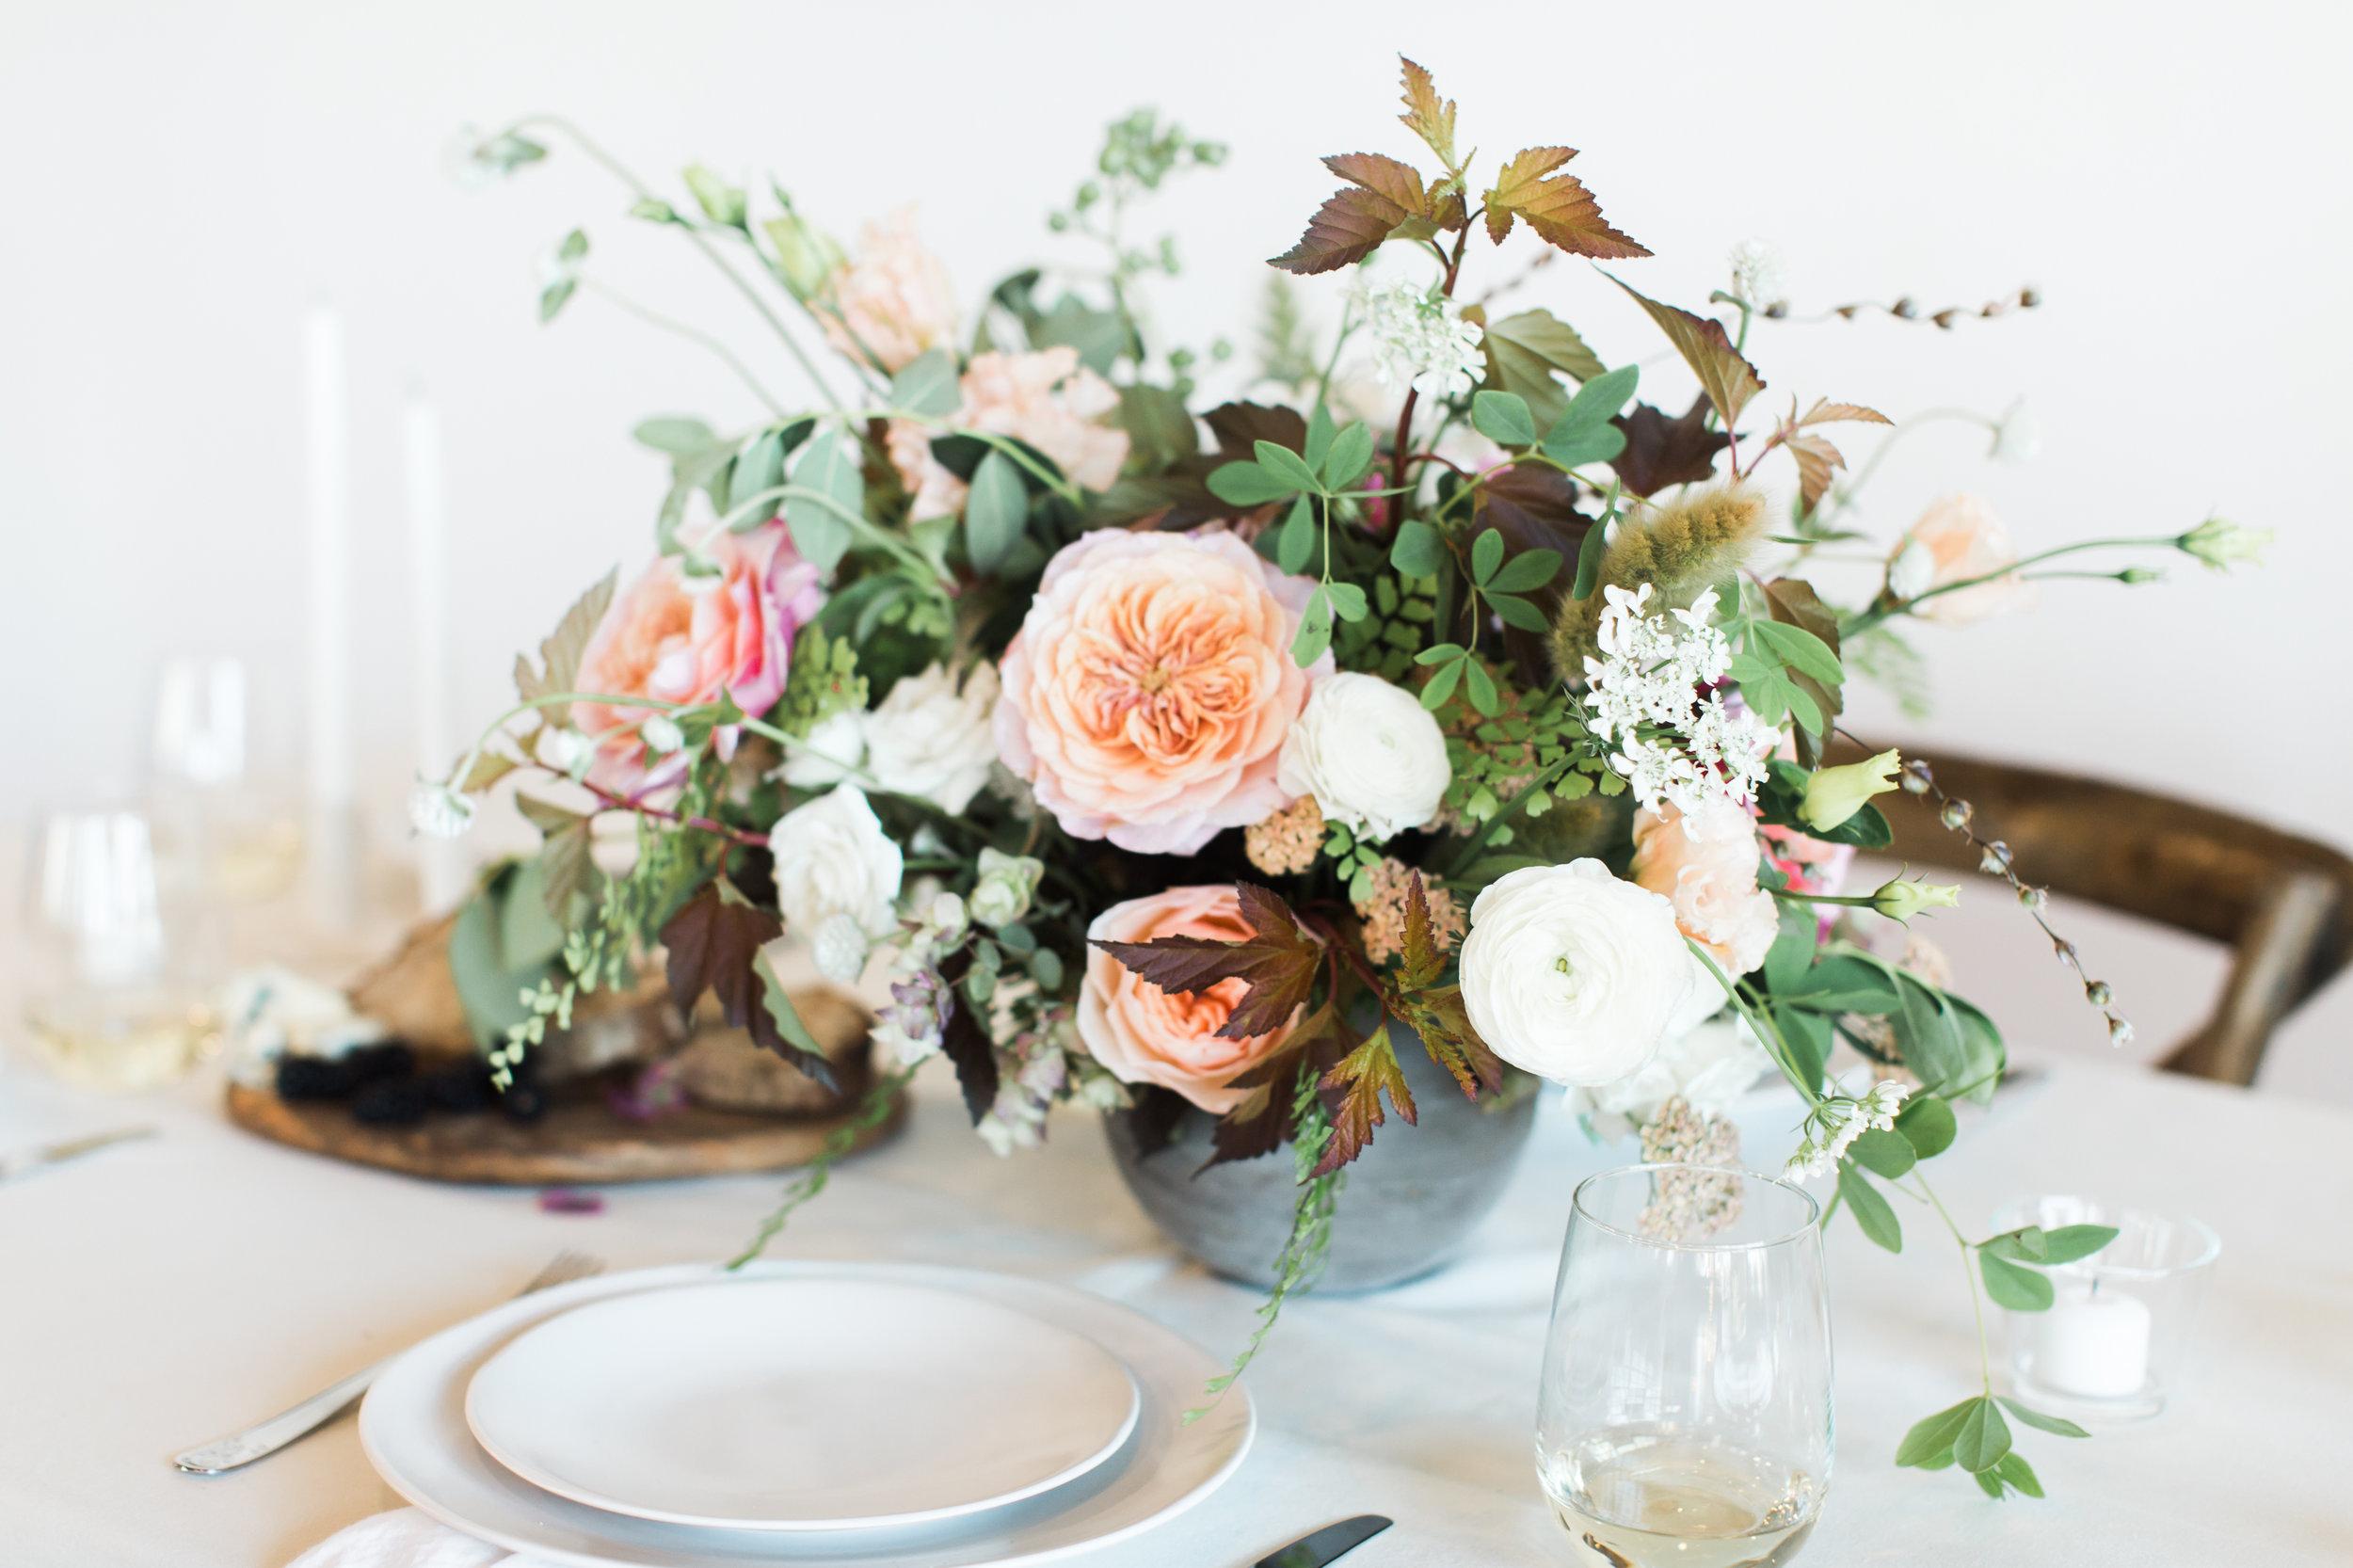 ashley-eileen-floral-design-garden-inspired-styled-session-wedding-centerpiece-denver-4.jpg